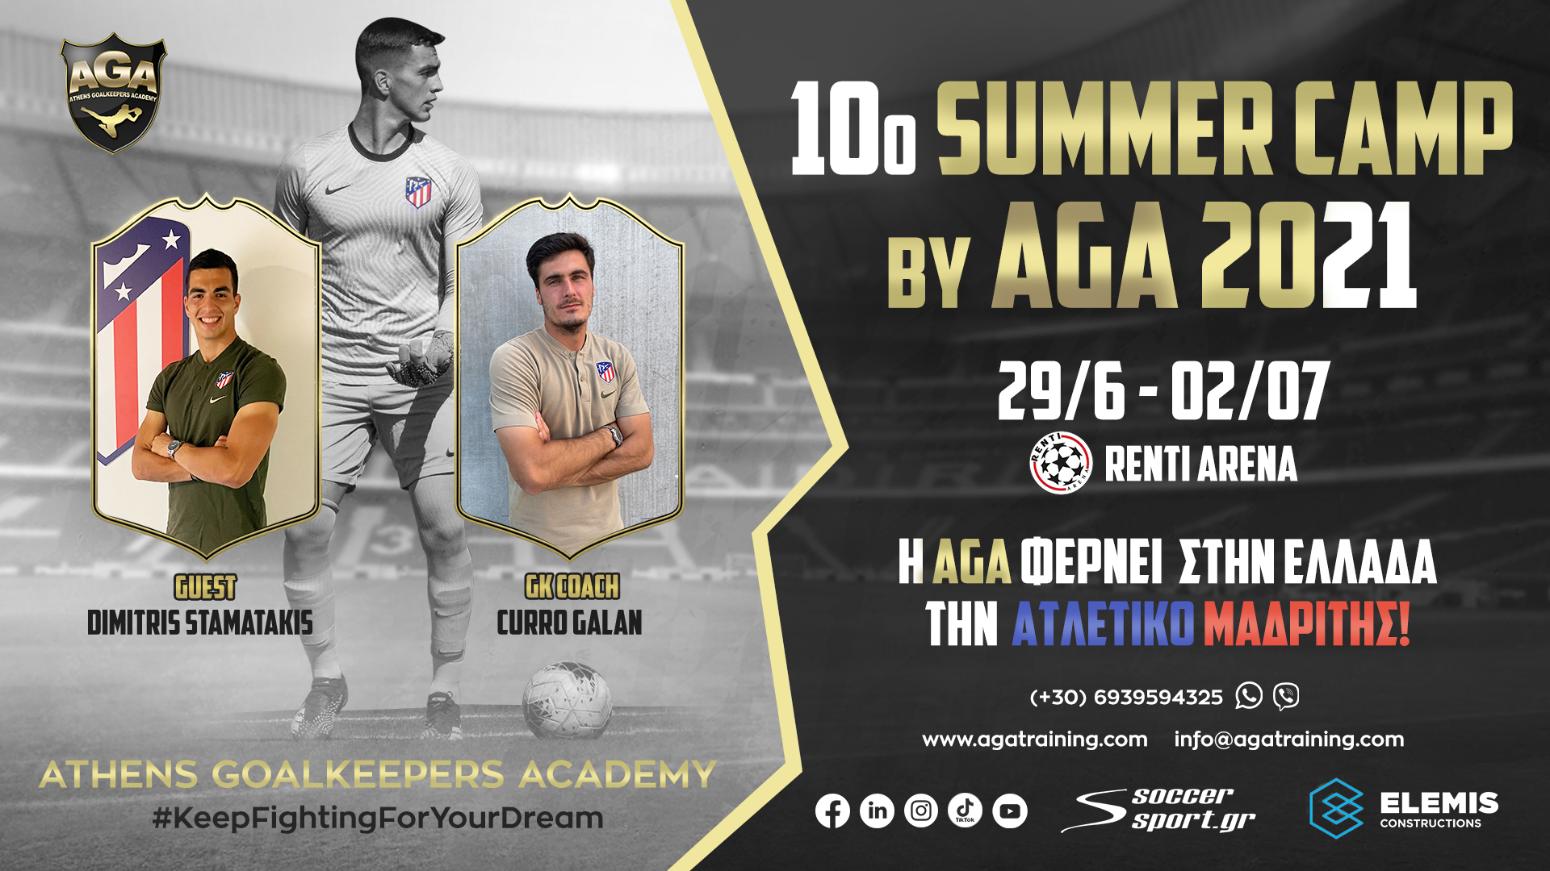 Η AGA φέρνει στην Ελλάδα την Ατλέτικο Μαδρίτης